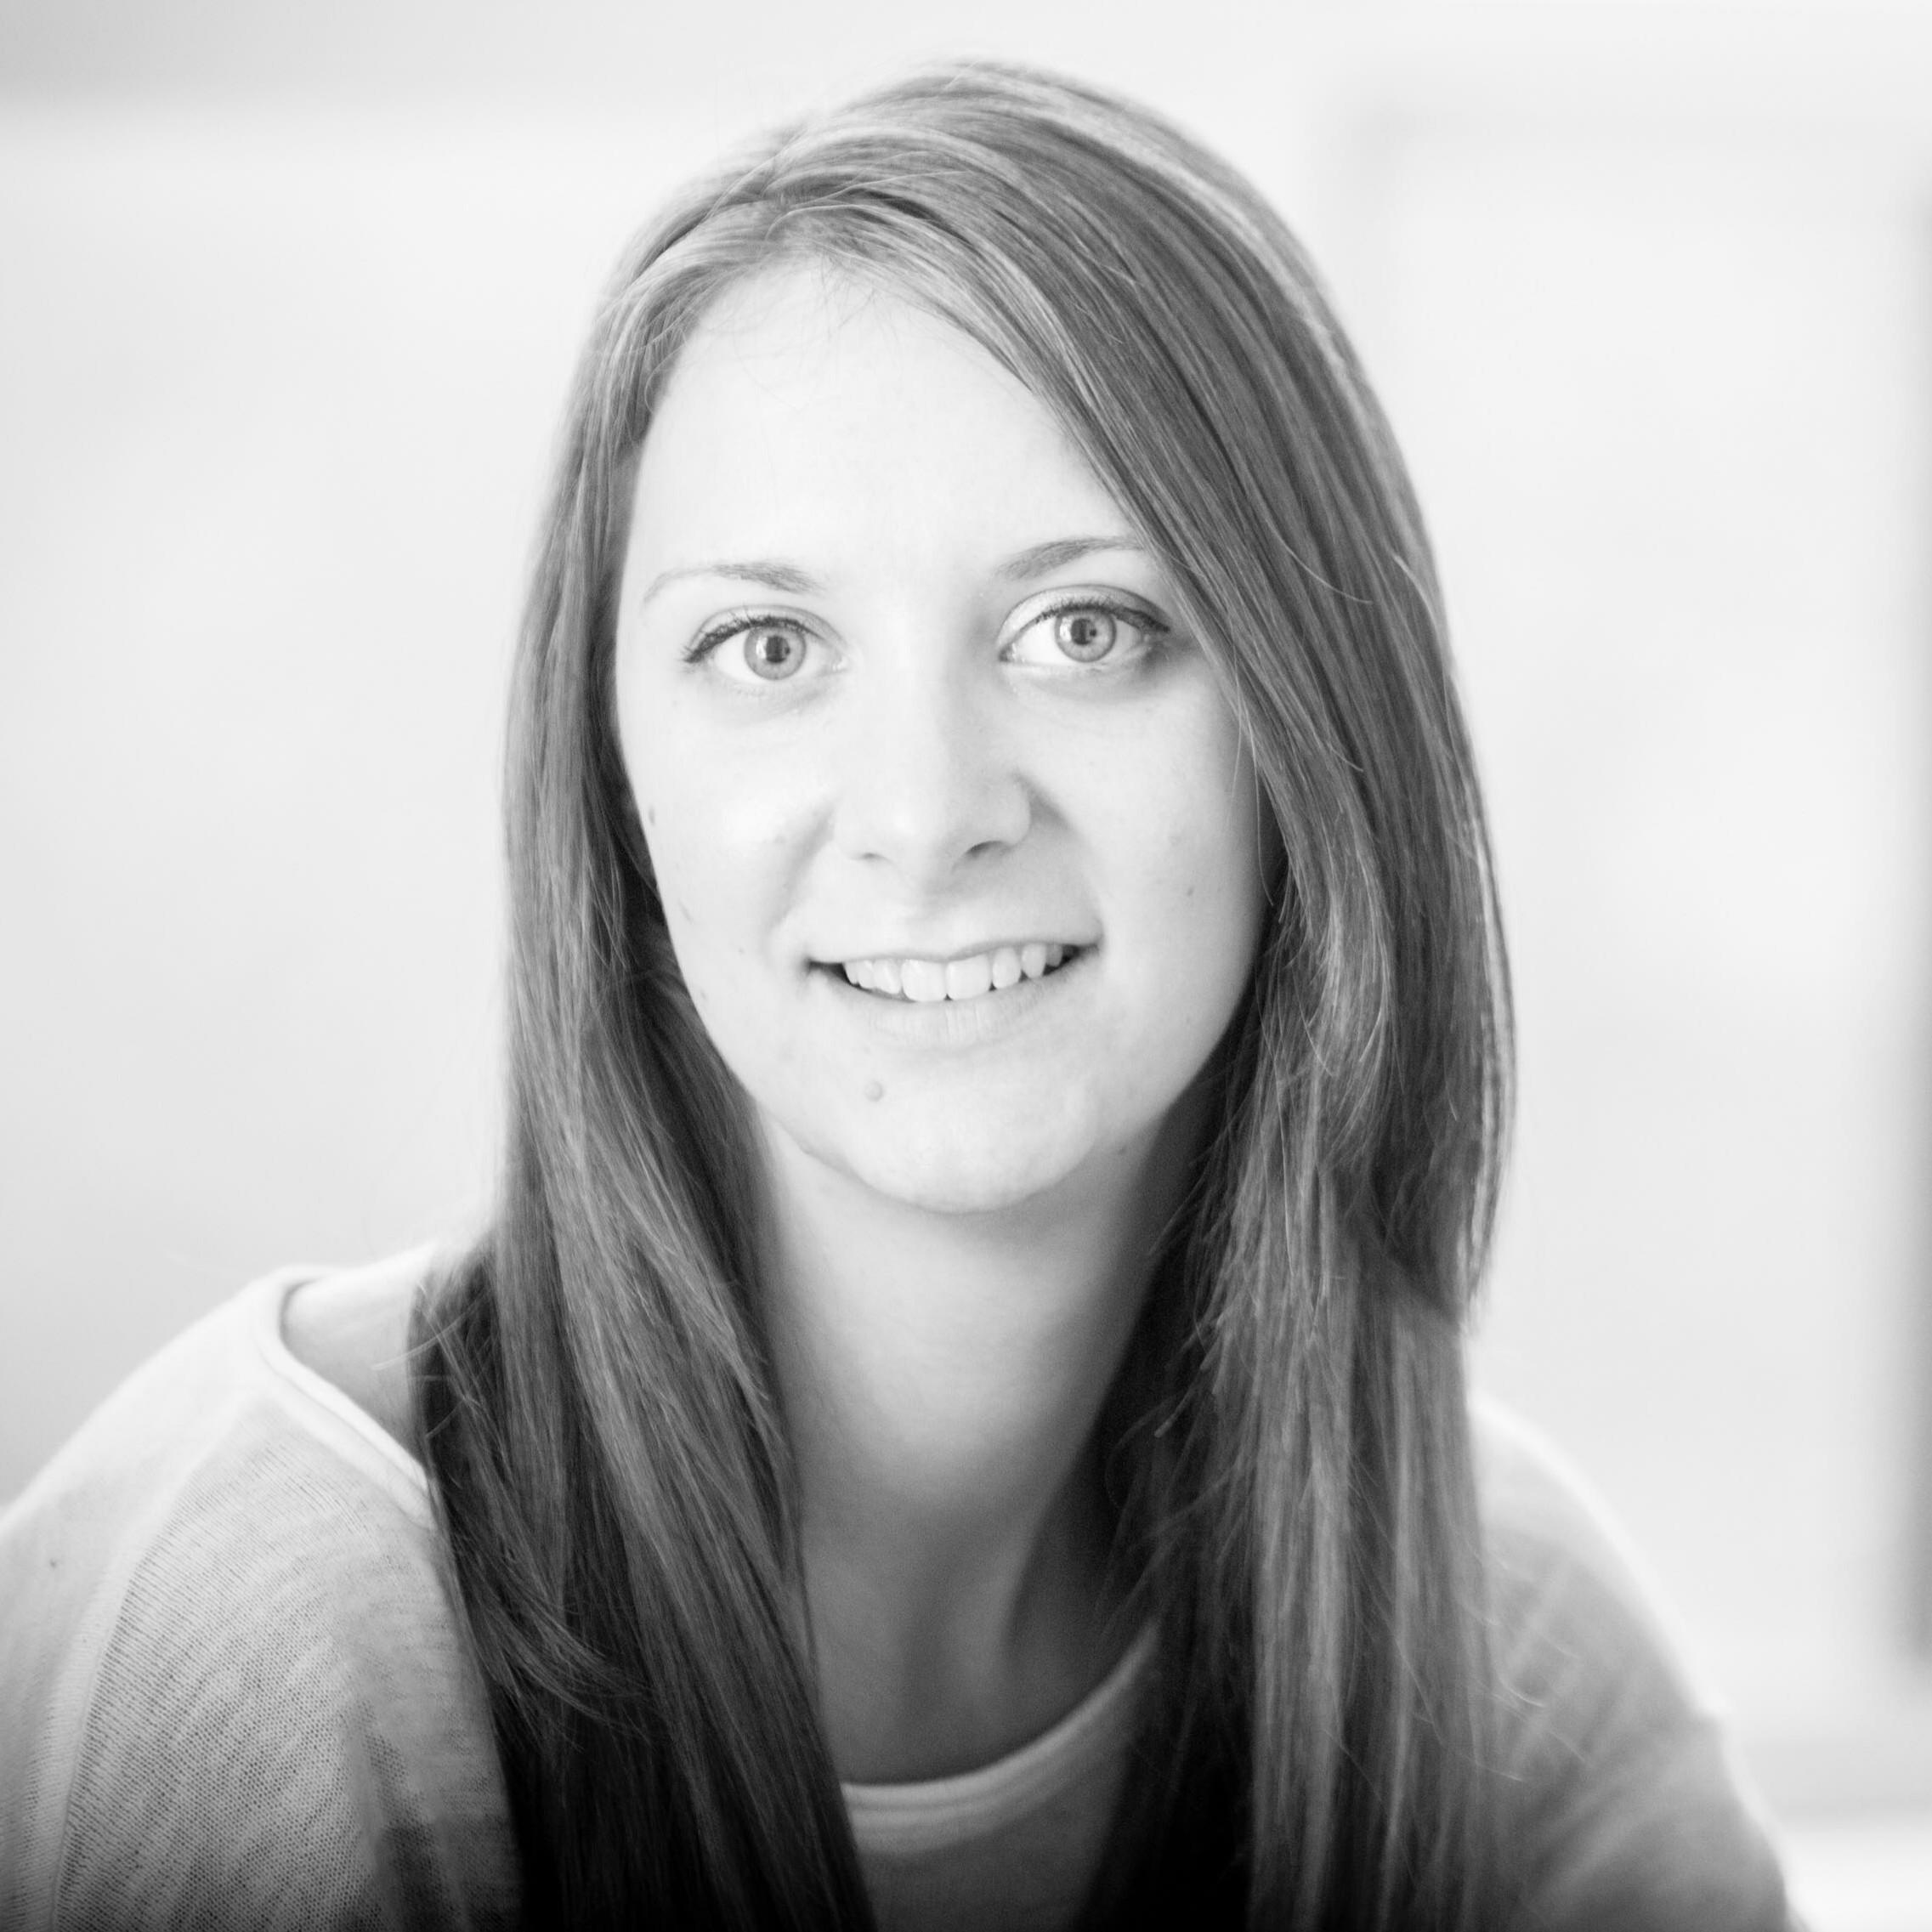 Featuring Photographer, Sarah Janes!